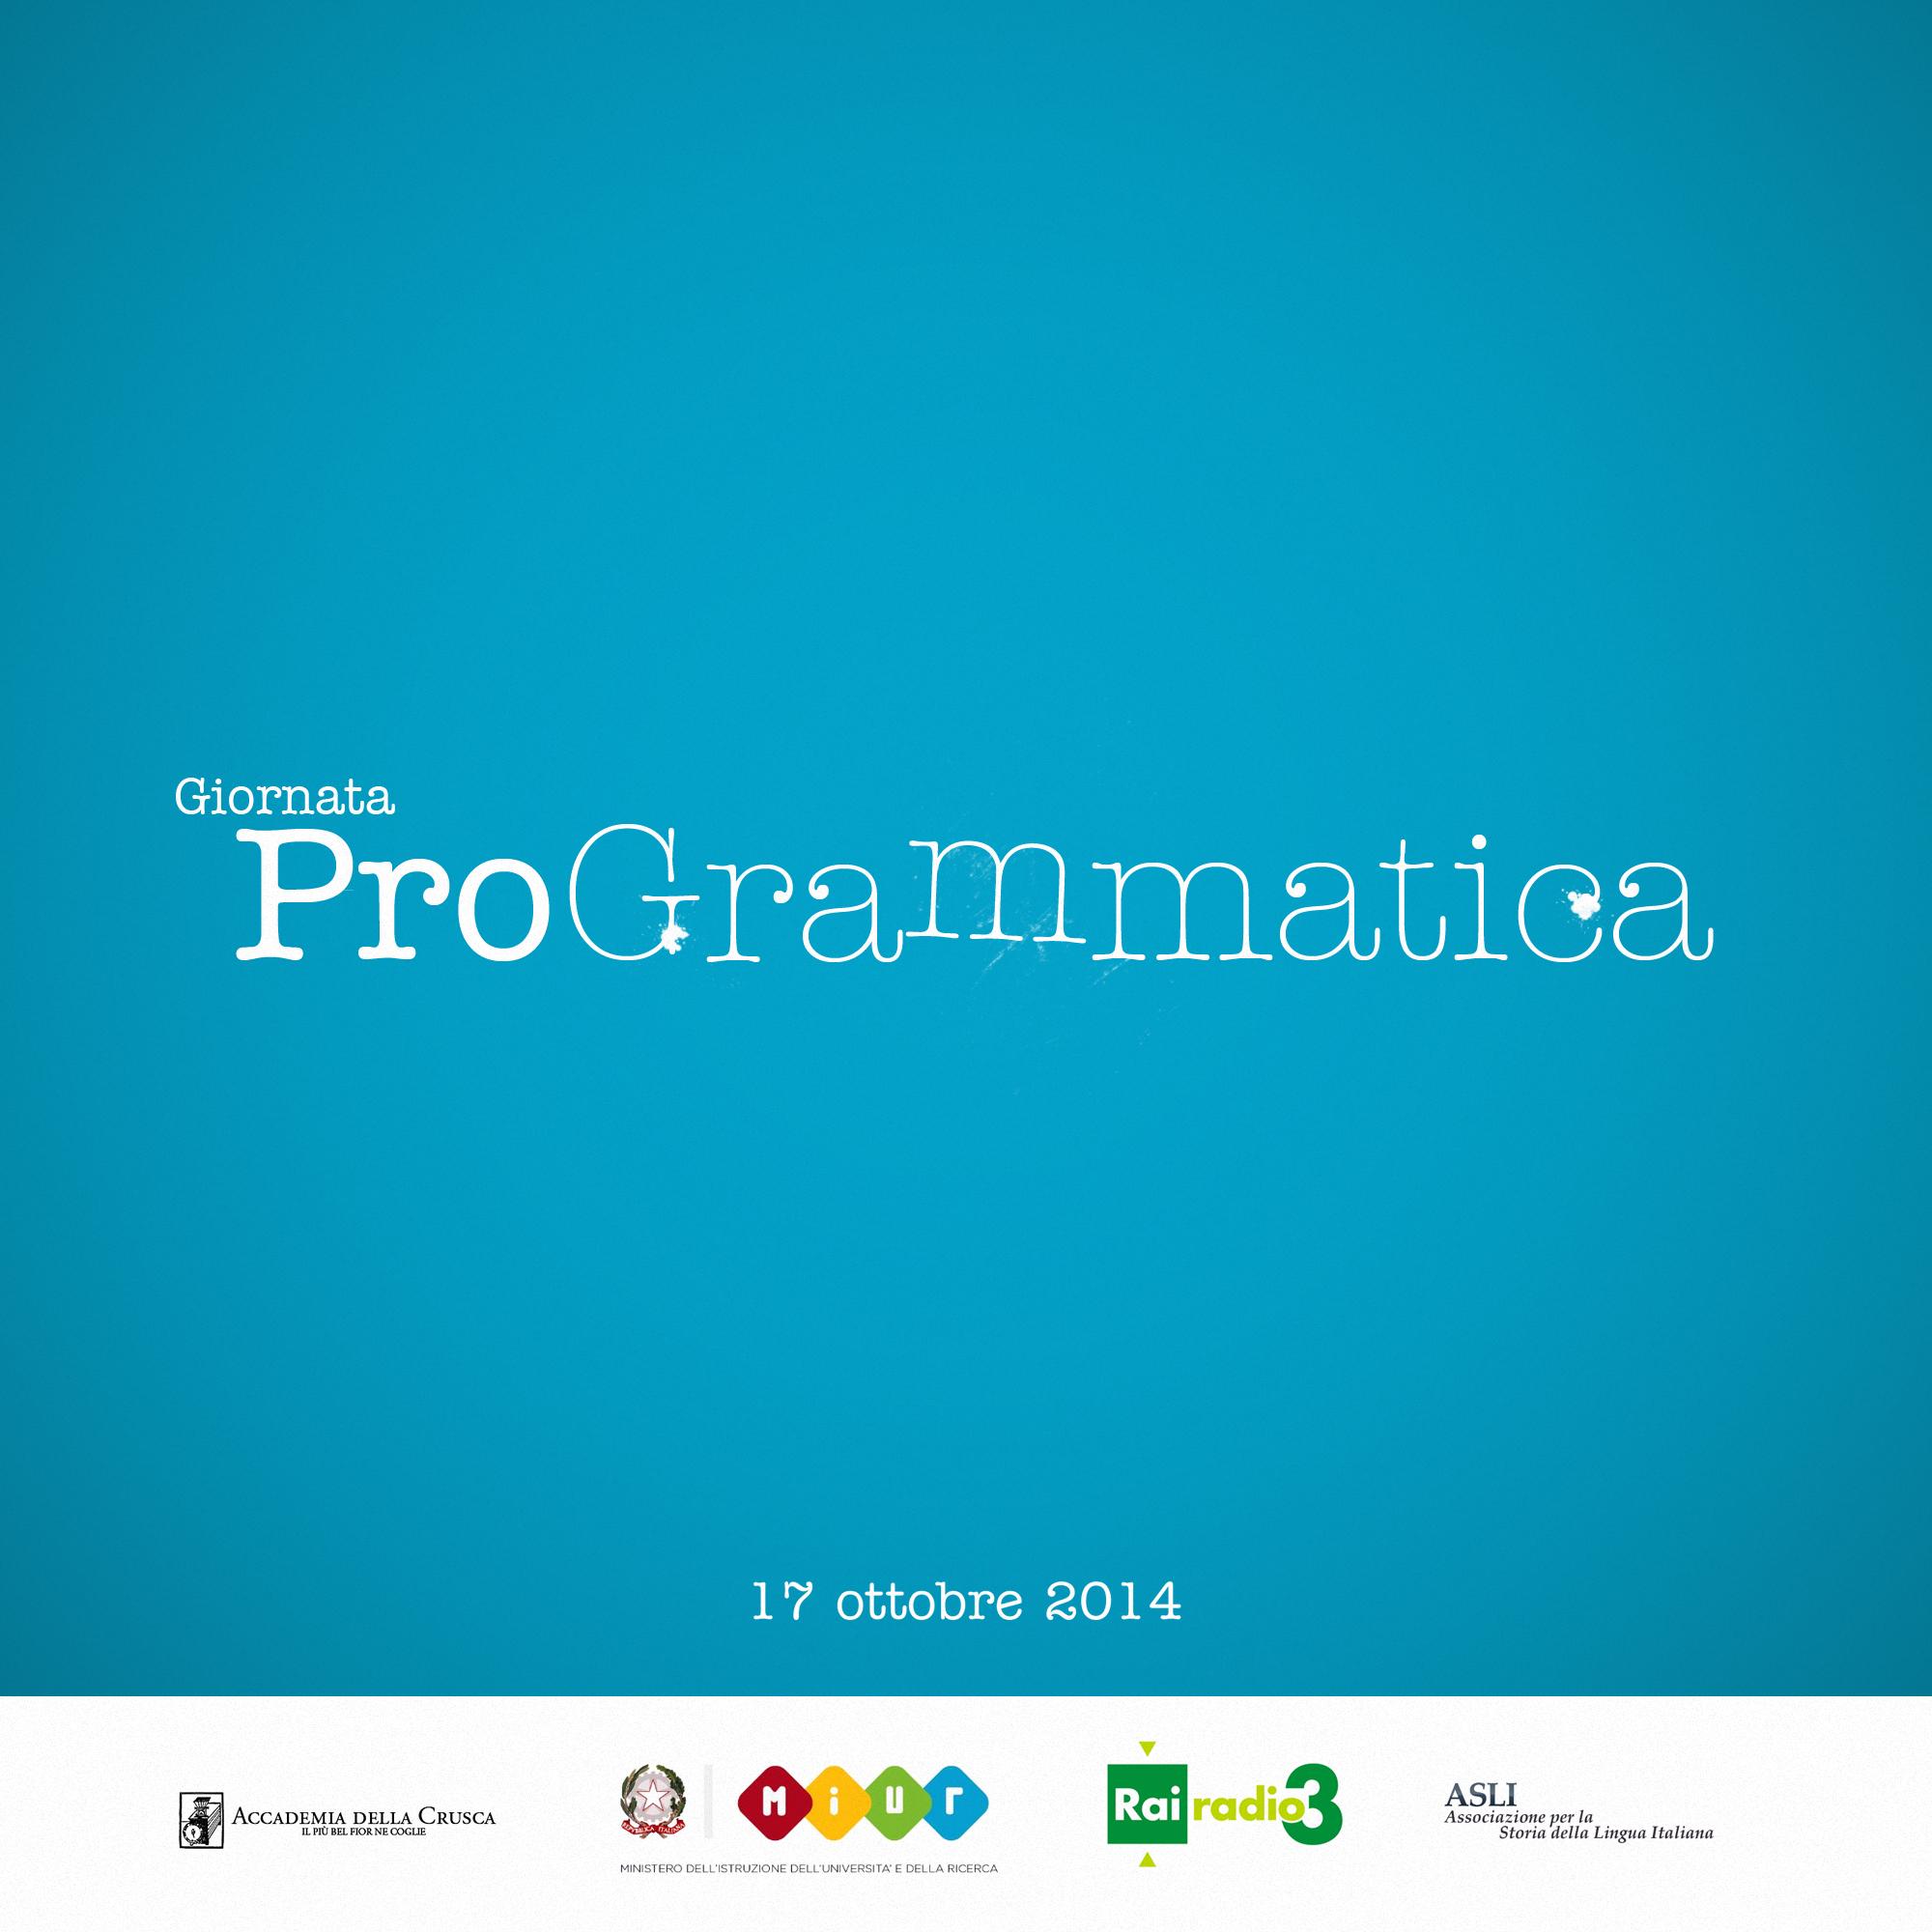 giornata programmatica 2014